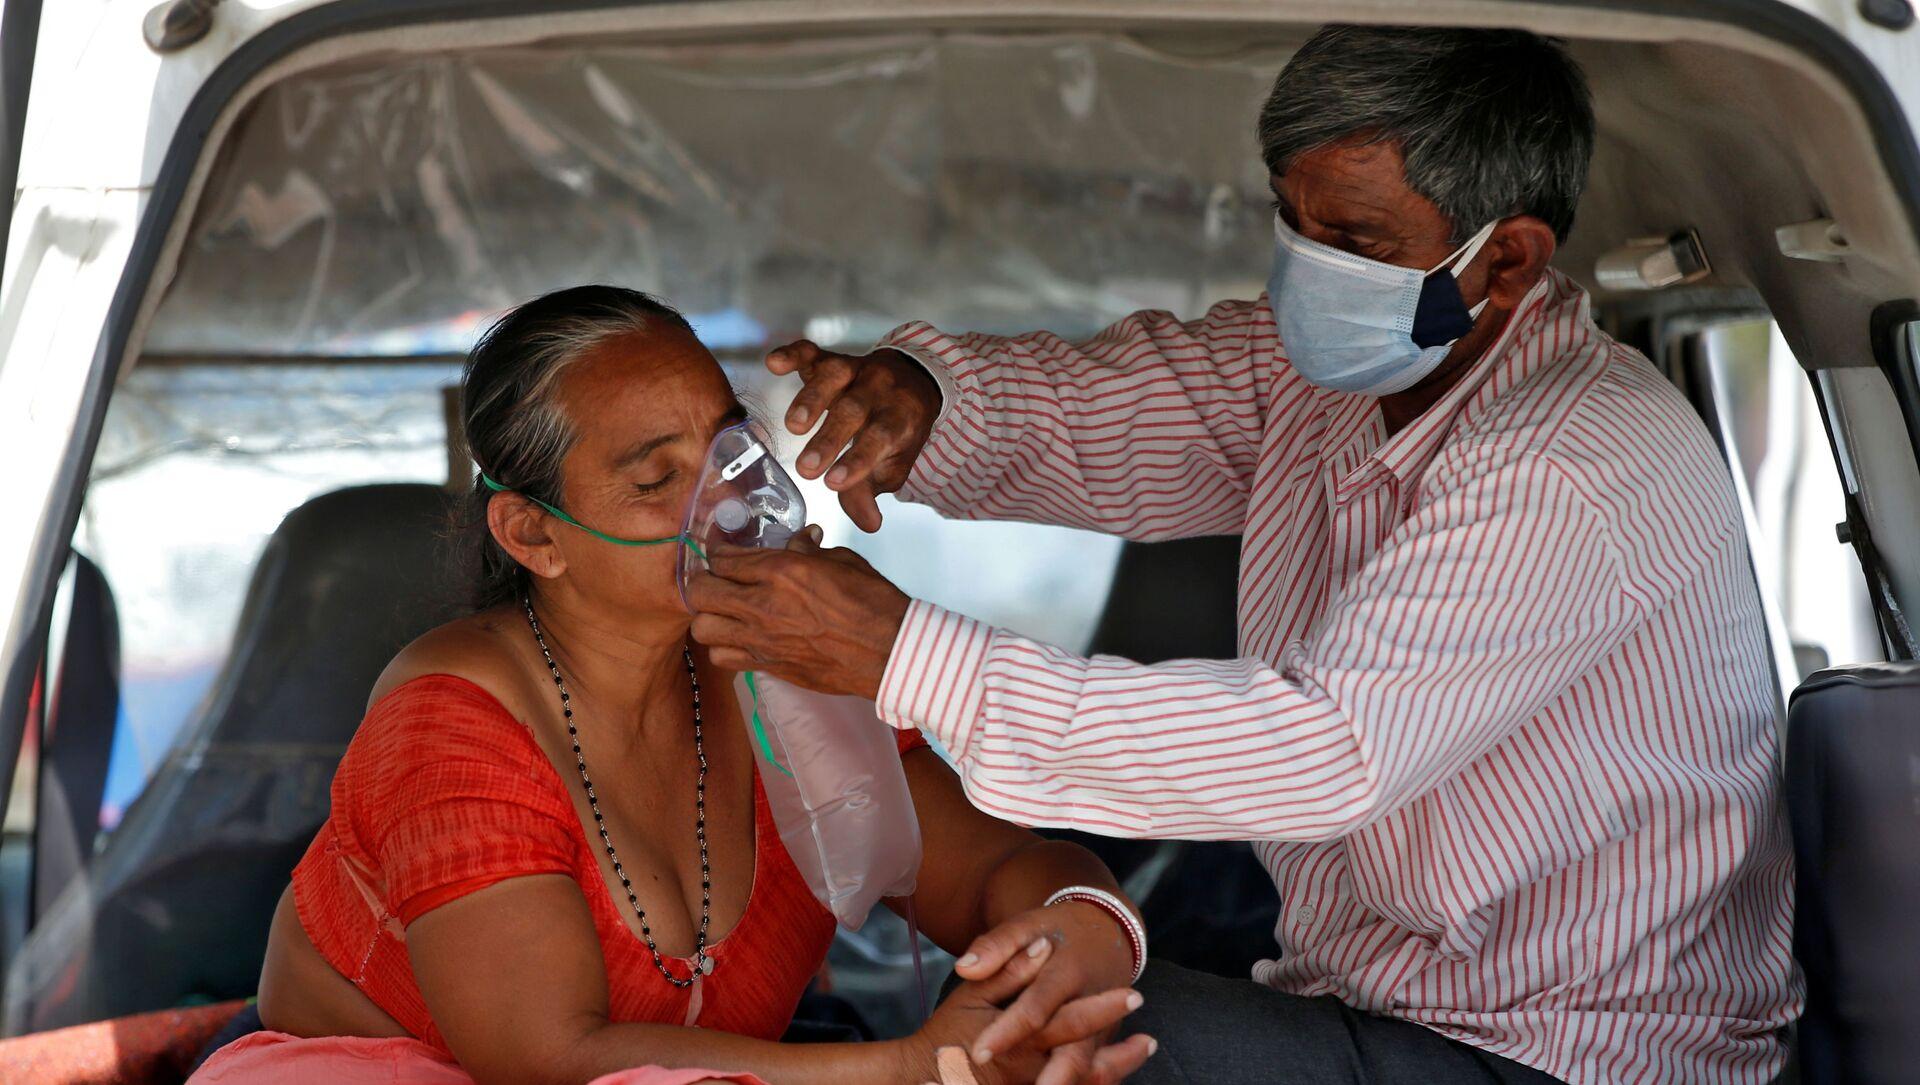 Người chồng điều chỉnh mặt nạ dưỡng khí cho vợ trong khi hai người đang ngồi trong xe chờ được nhập viện, Ấn Độ - Sputnik Việt Nam, 1920, 21.06.2021